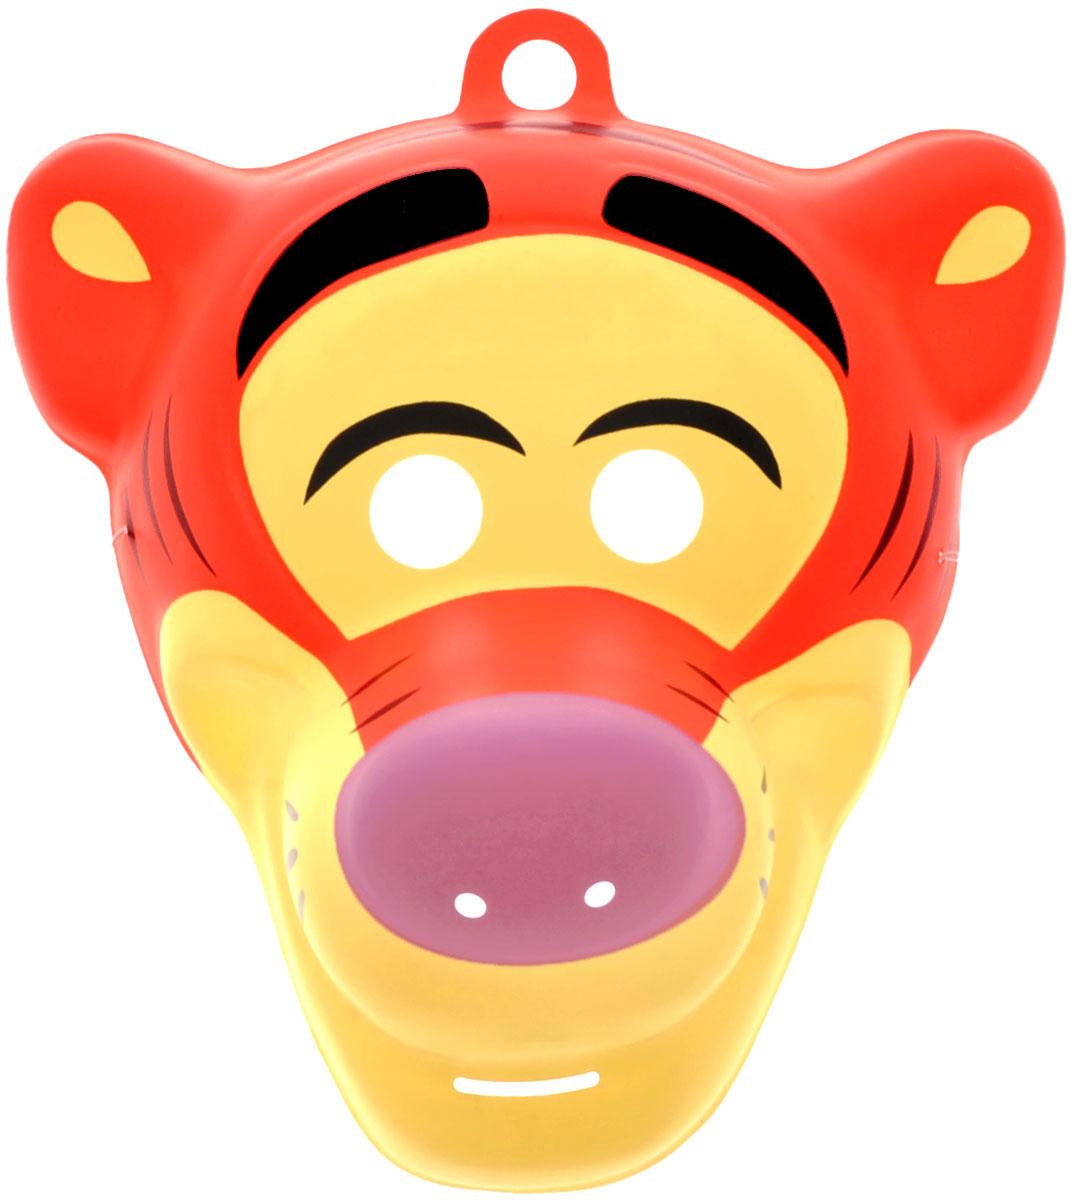 Disney Маска карнавальная Тигра23779Отправляясь на детский праздник, почему бы не создать образ веселого Тигры из мультфильма Винни-Пух? Для этого пригодится маска, которую можно использовать даже в качестве единственного карнавального элемента в одежде малыша. Надев ее, юный участник костюмированного представления легко перевоплощается в любимого персонажа. Изделие на резинке, поэтому легко подогнать под нужный размер. В маске имеются прорези не только для глаз ребенка, но и возле носа для обеспечения доступа воздуха. Изготовлена из безопасных и прочных материалов. Маска карнавальная Disney Тигра является отличным решением для карнавалов, утренников и просто детских праздников.